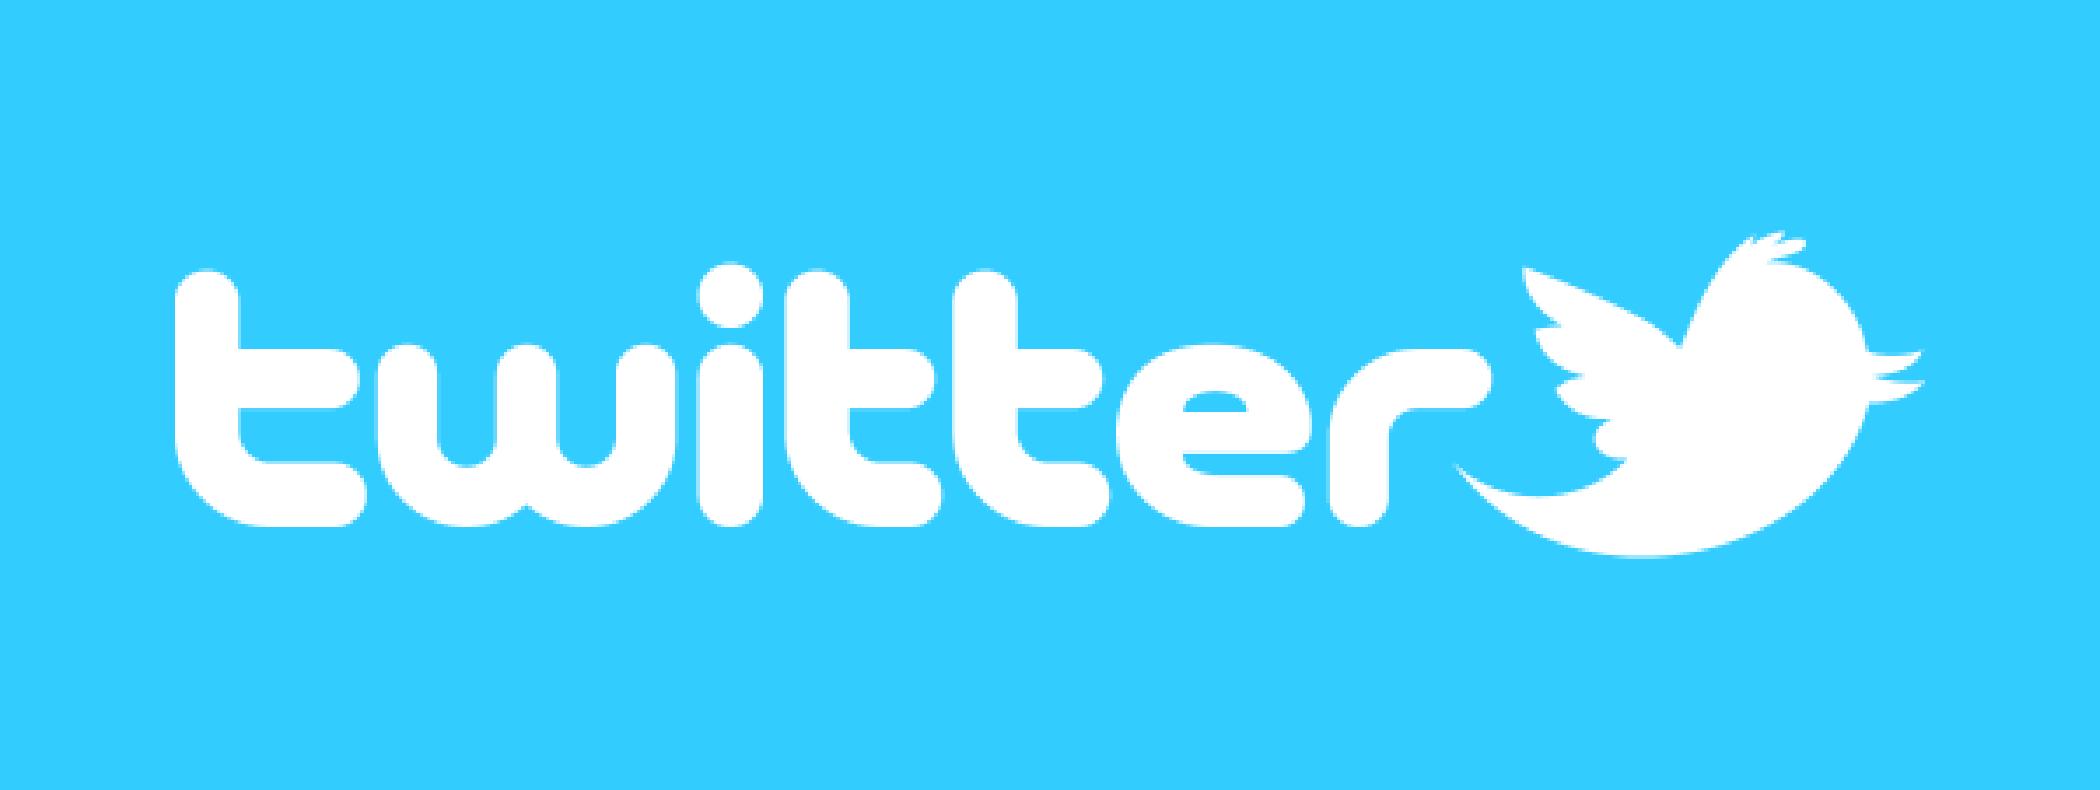 Twitter es una de las redes sociales más usada para escribir en 140 caracteres